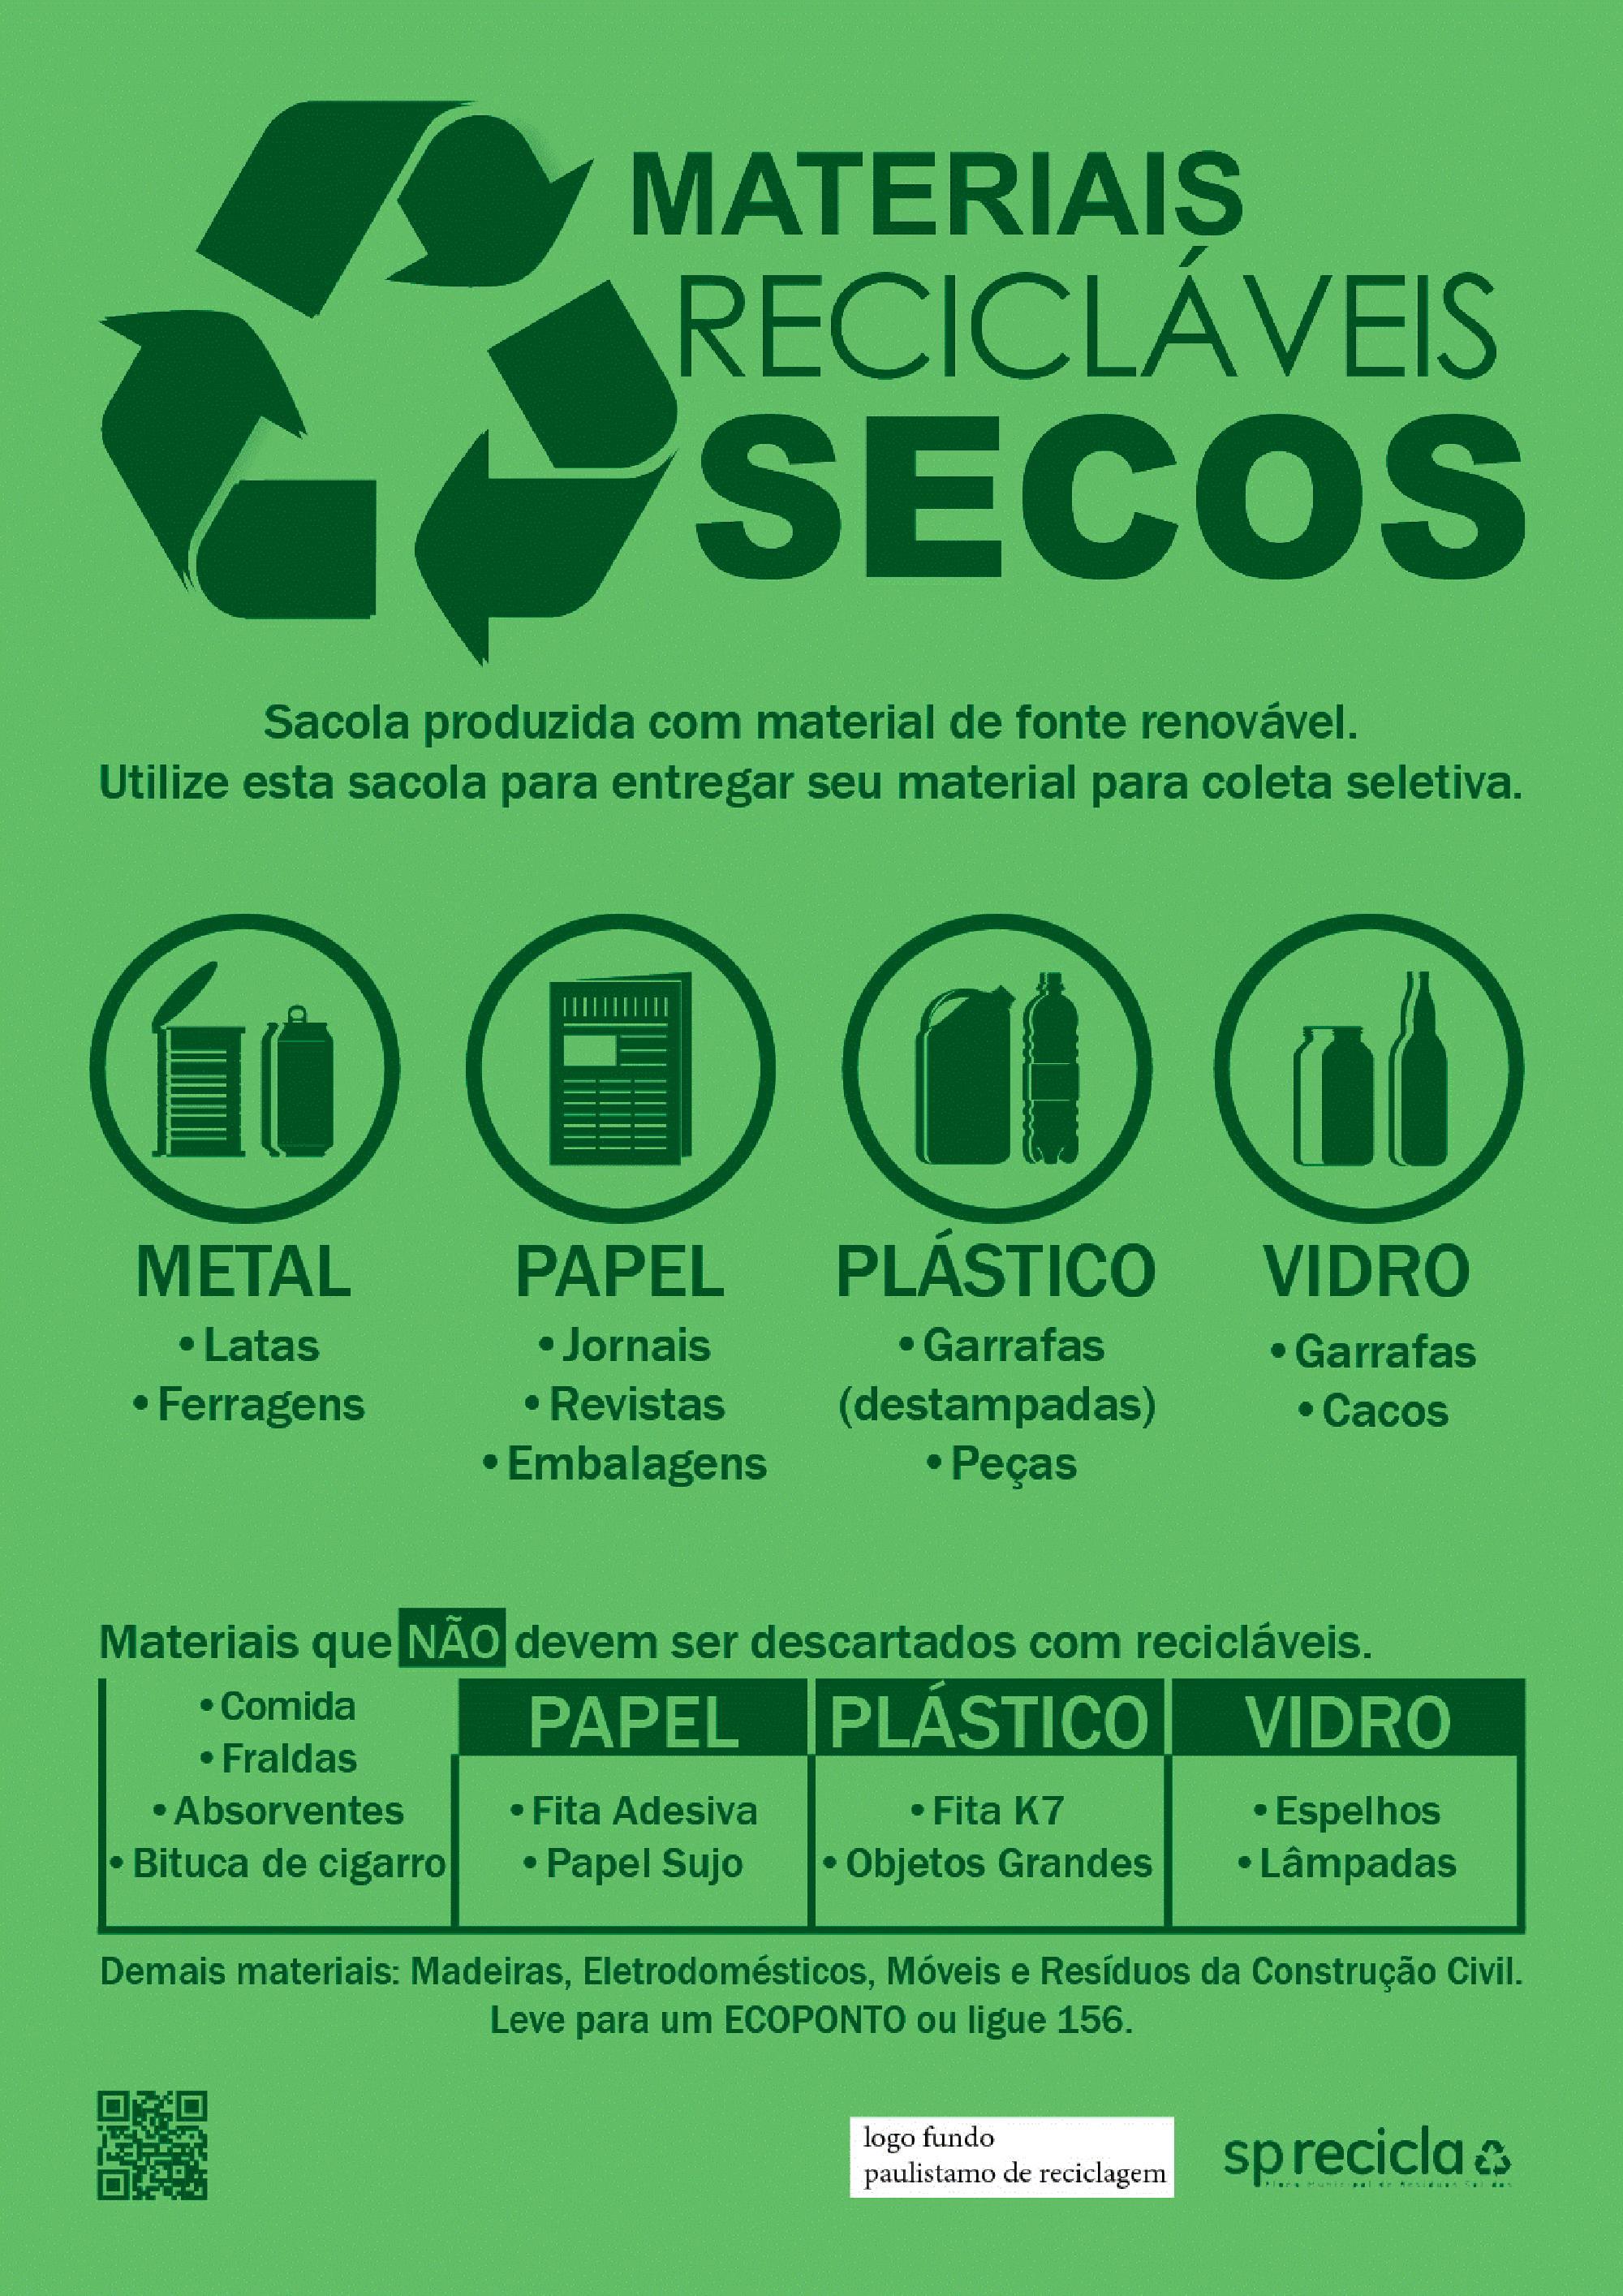 Resposta da Prefeitura de SP à matéria sobre a ética e o lixo